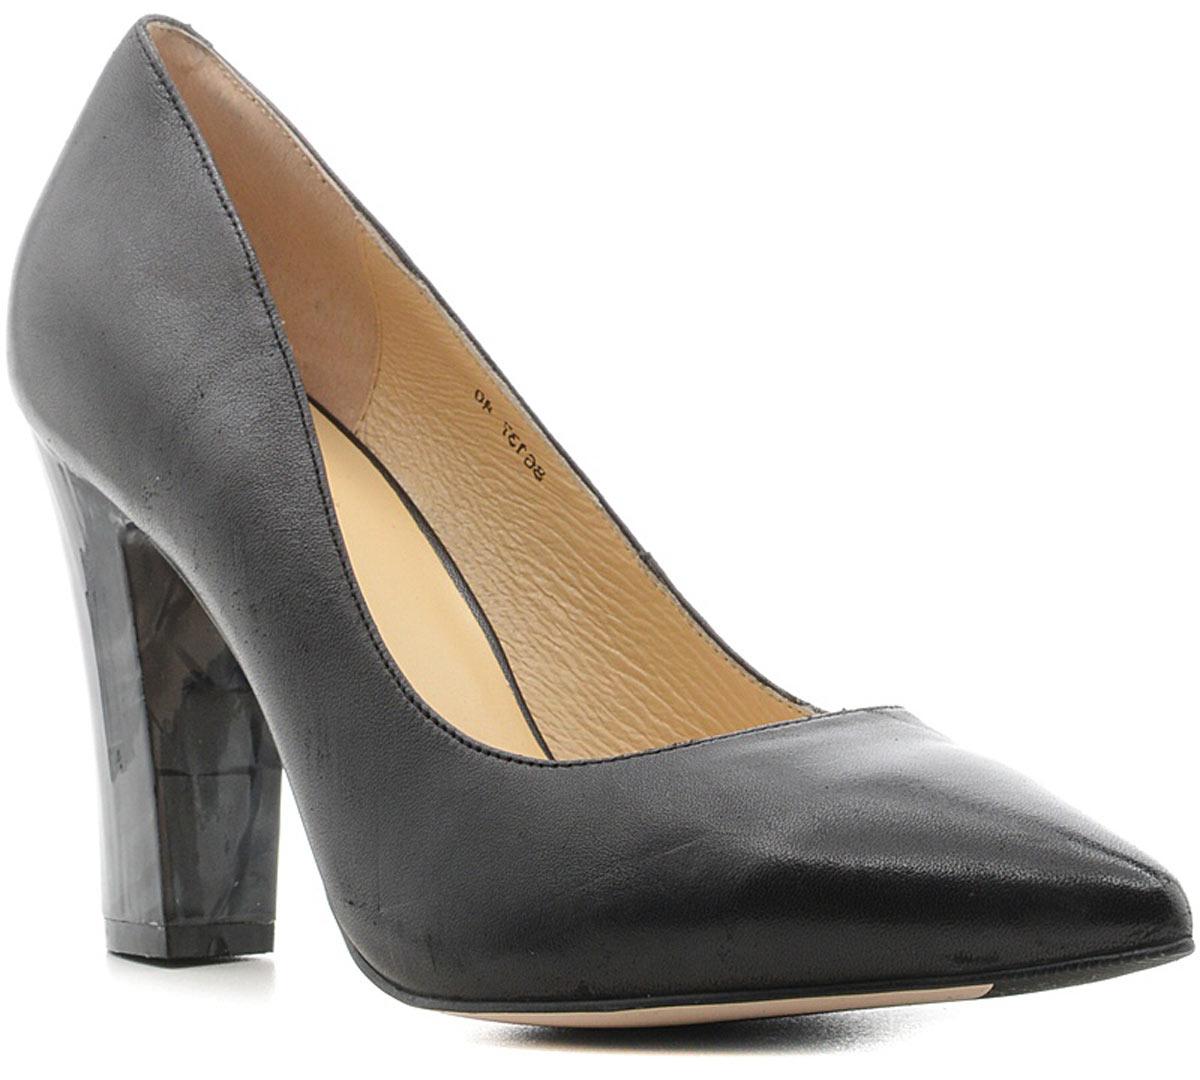 Туфли женские Vitacci, цвет: черный. 86137. Размер 3786137Стильные туфли Vitacci не оставят вас незамеченной! Модель изготовлена из качественной натуральной кожи. Стелька из натуральной кожи обеспечивает комфорт и удобство при ходьбе. Подошва выполнена с высоким устойчивым каблуком.